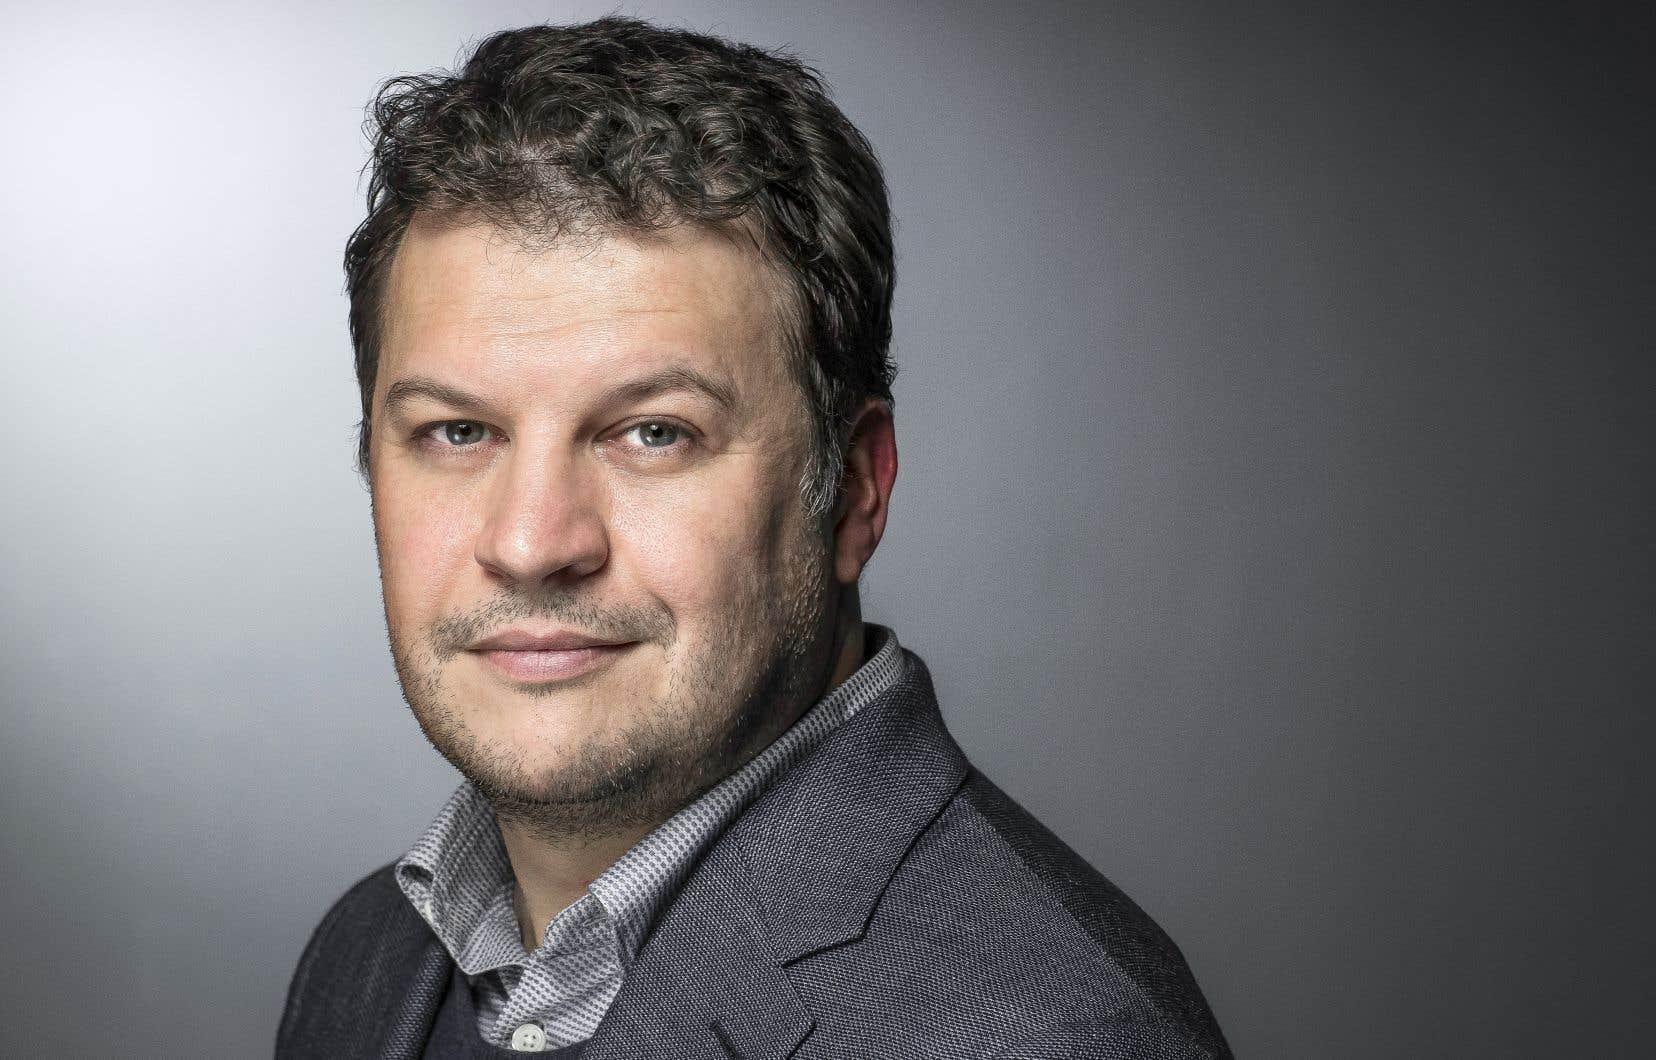 L'écrivain Guillaume Musso a vendu plus de 28millions de livres à travers le monde.